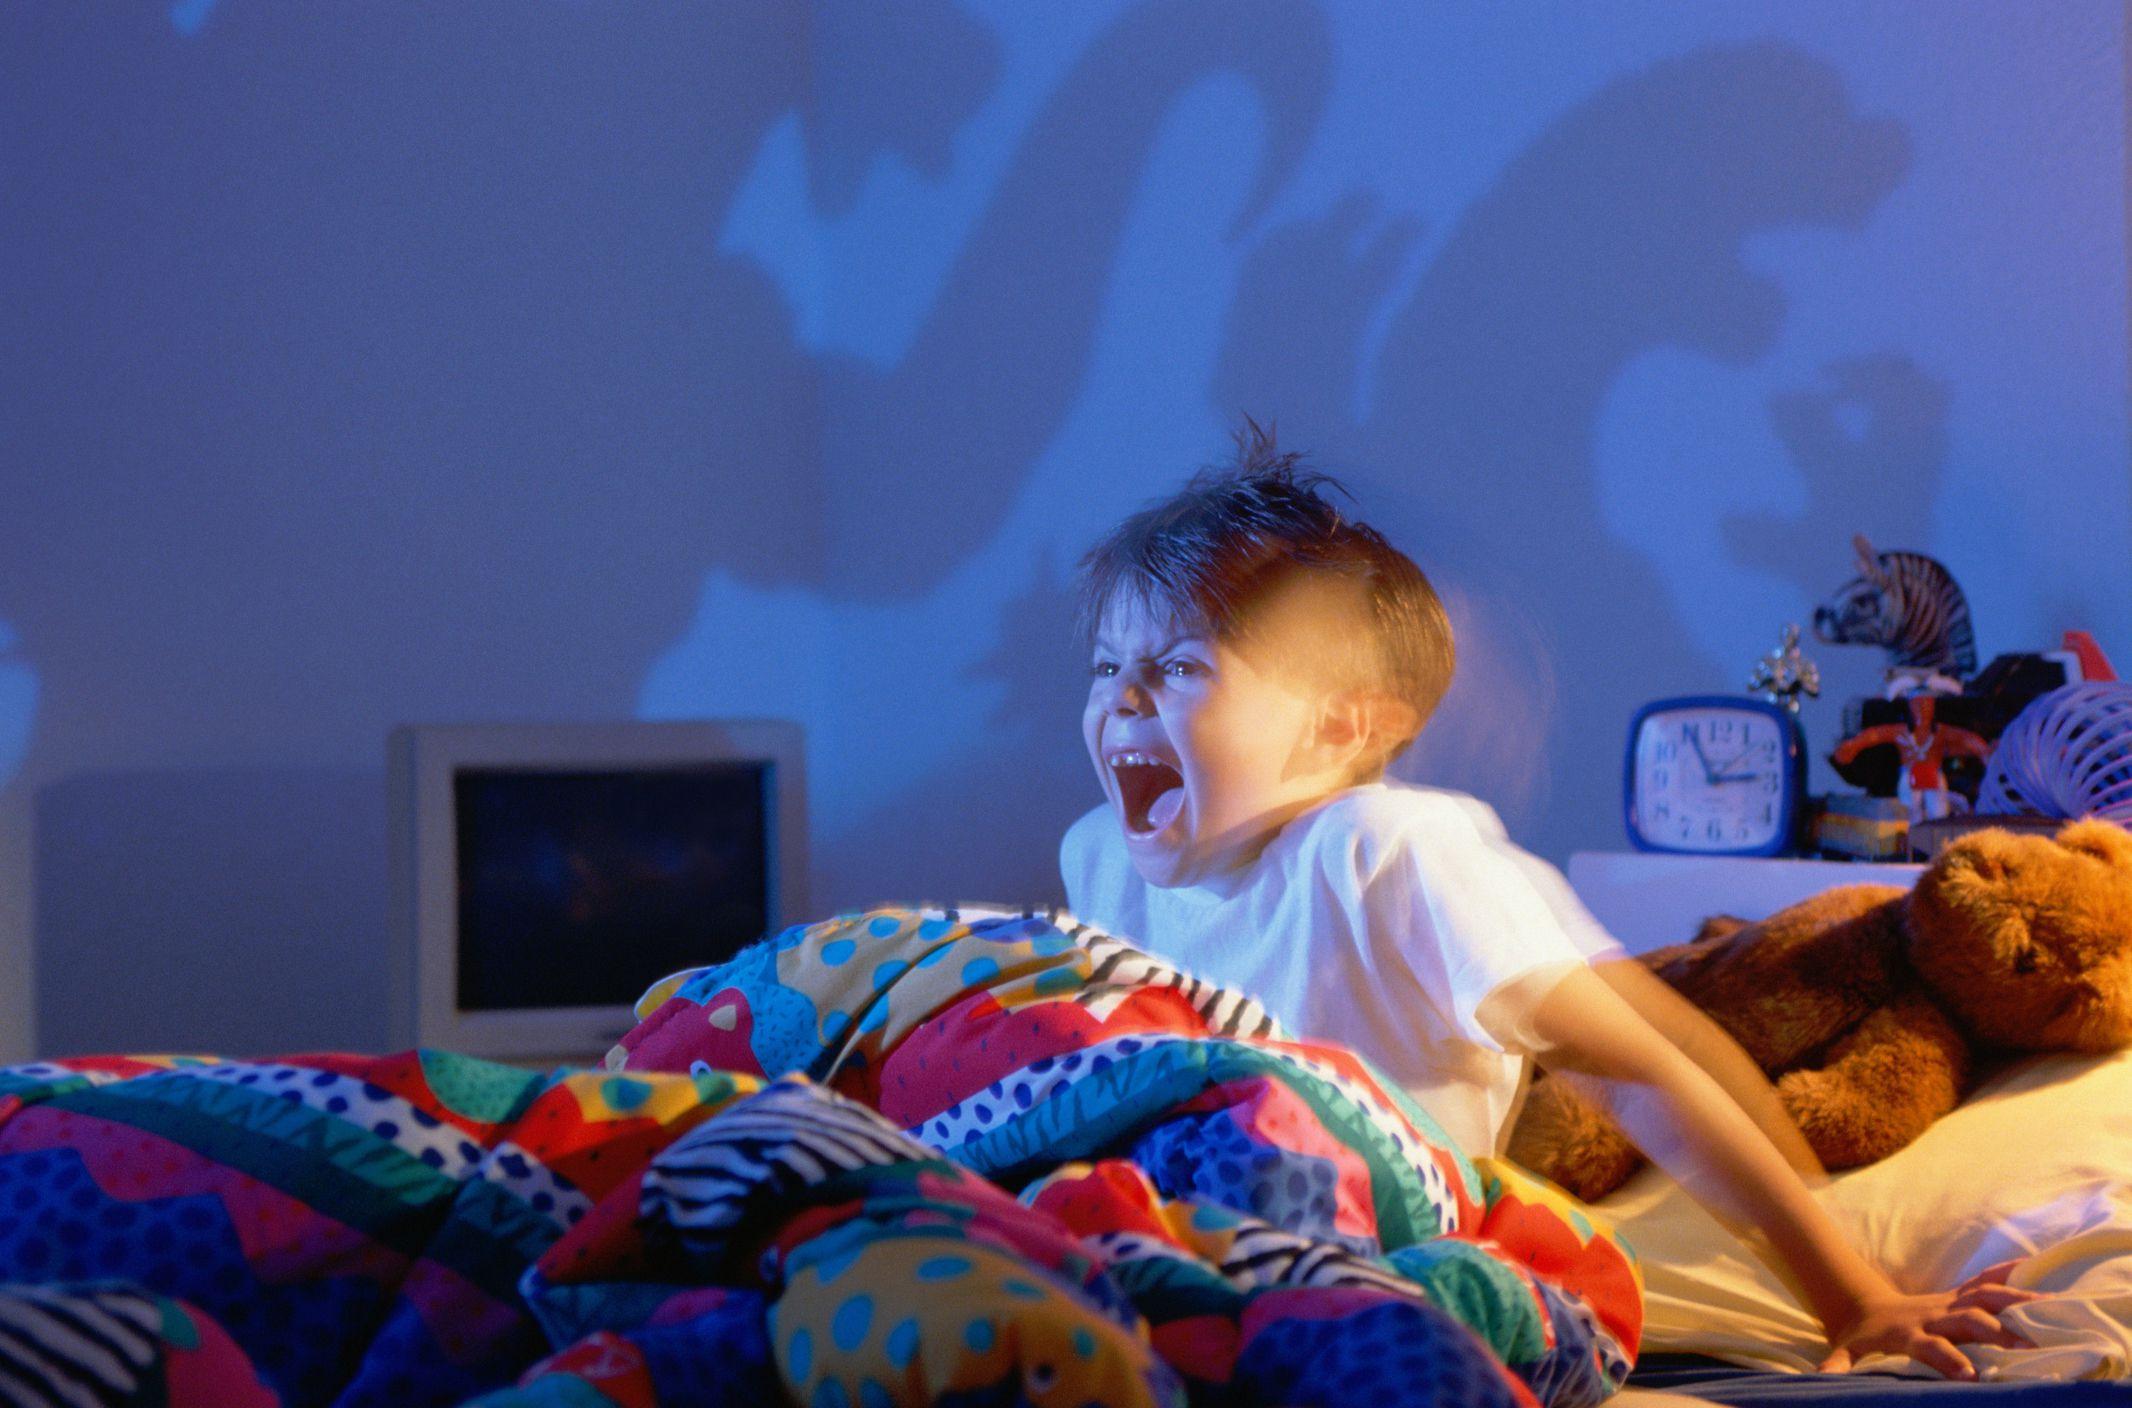 почему снится кошмар и я кричу других